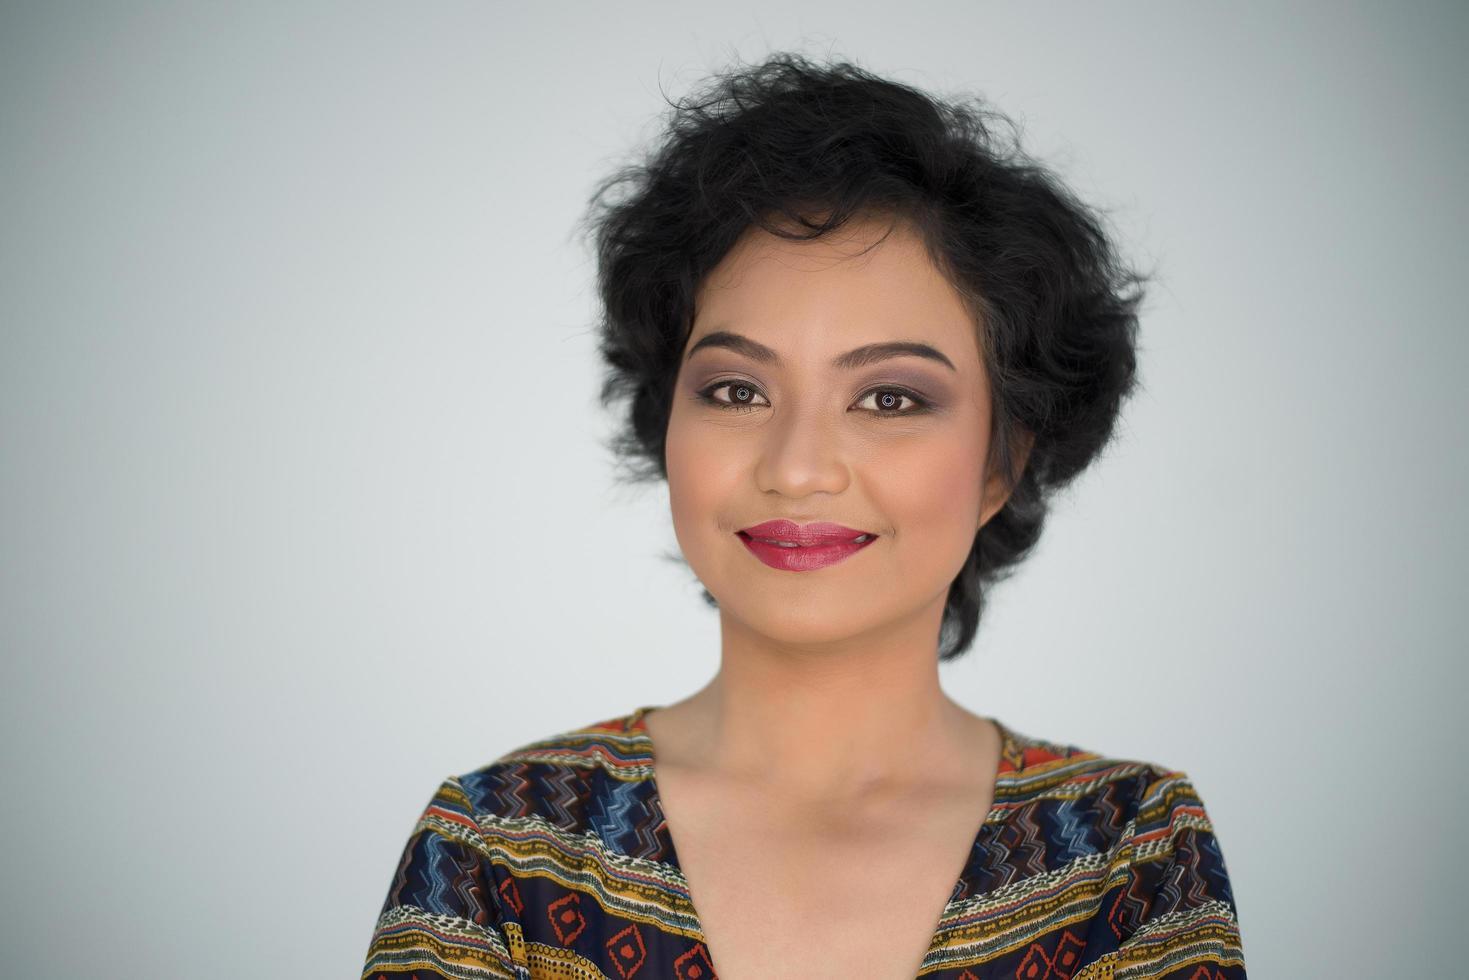 retrato de una mujer hermosa sobre un fondo blanco foto